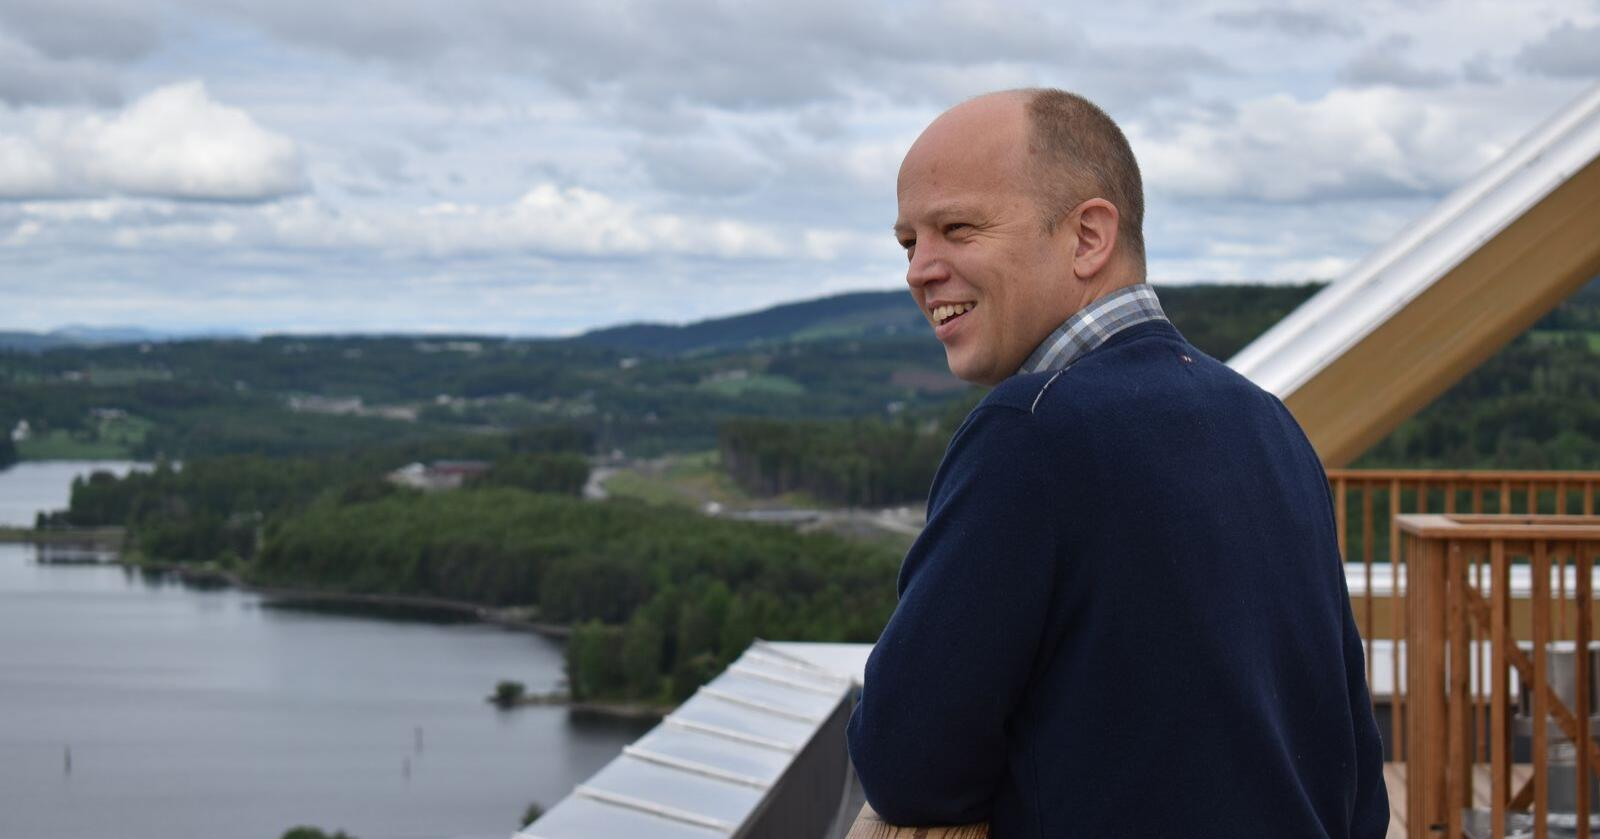 Senterparti-leder Trygve Slagsvold Vedum kan nesten se Mjøsbrua fra toppen av Mjøstårnet i Brumunddal. Snart er begge symboler på hans ønskepolitikk. Foto: Henrik Heldahl